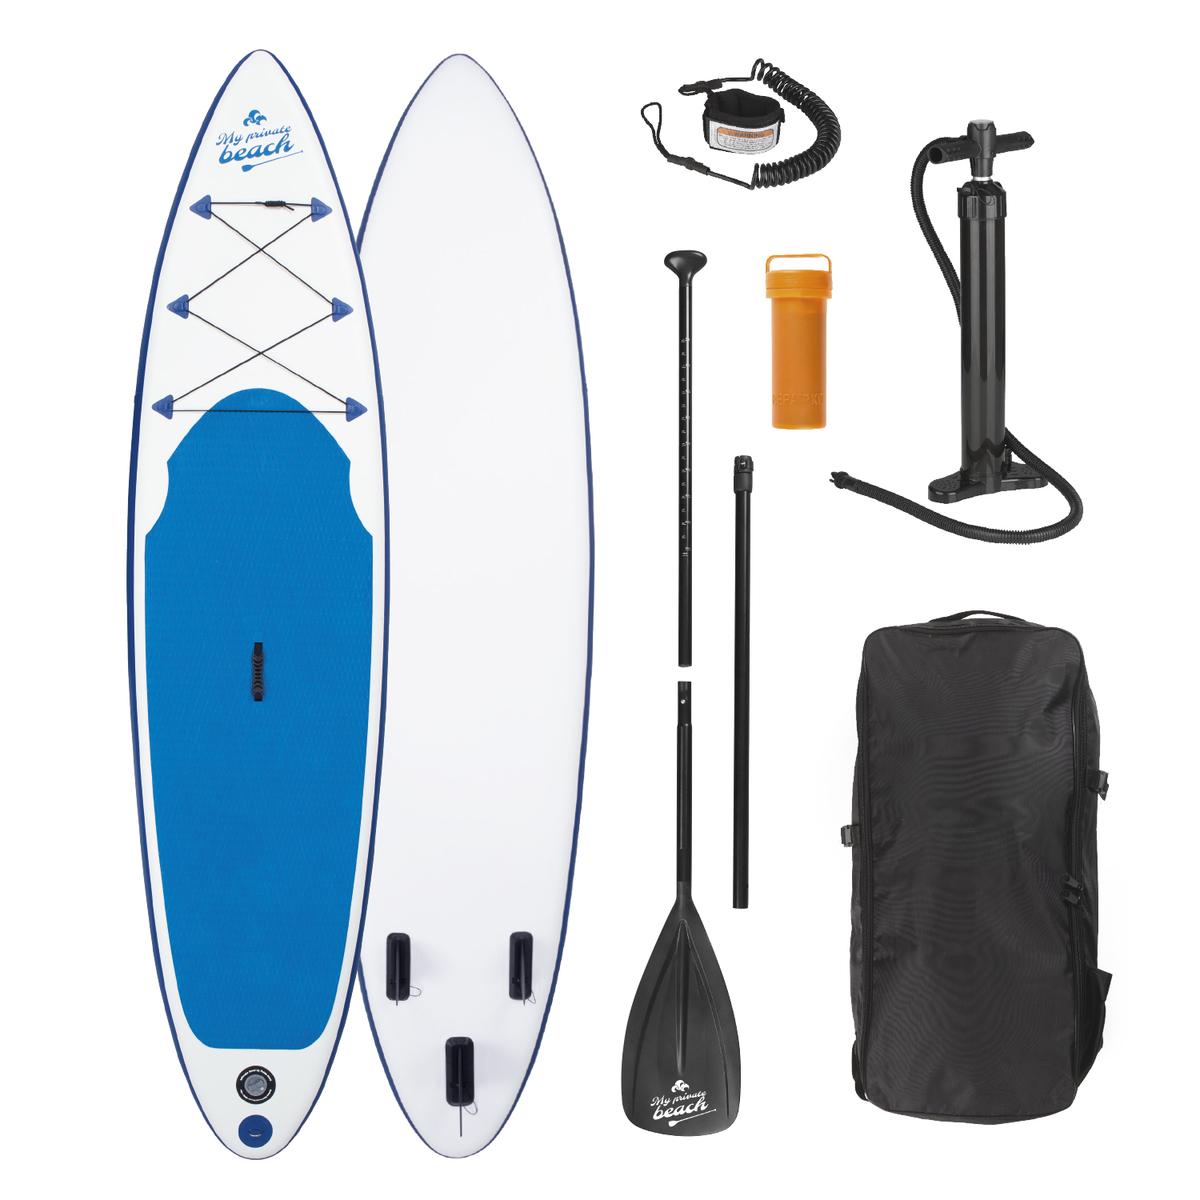 Bild 1 von EASYmaxx Stand Up Paddle Board - Paddelboard Wellenreiter aufblasbar - 320 x 76 x 15 cm - weiß/blau | SUP | Surfboard